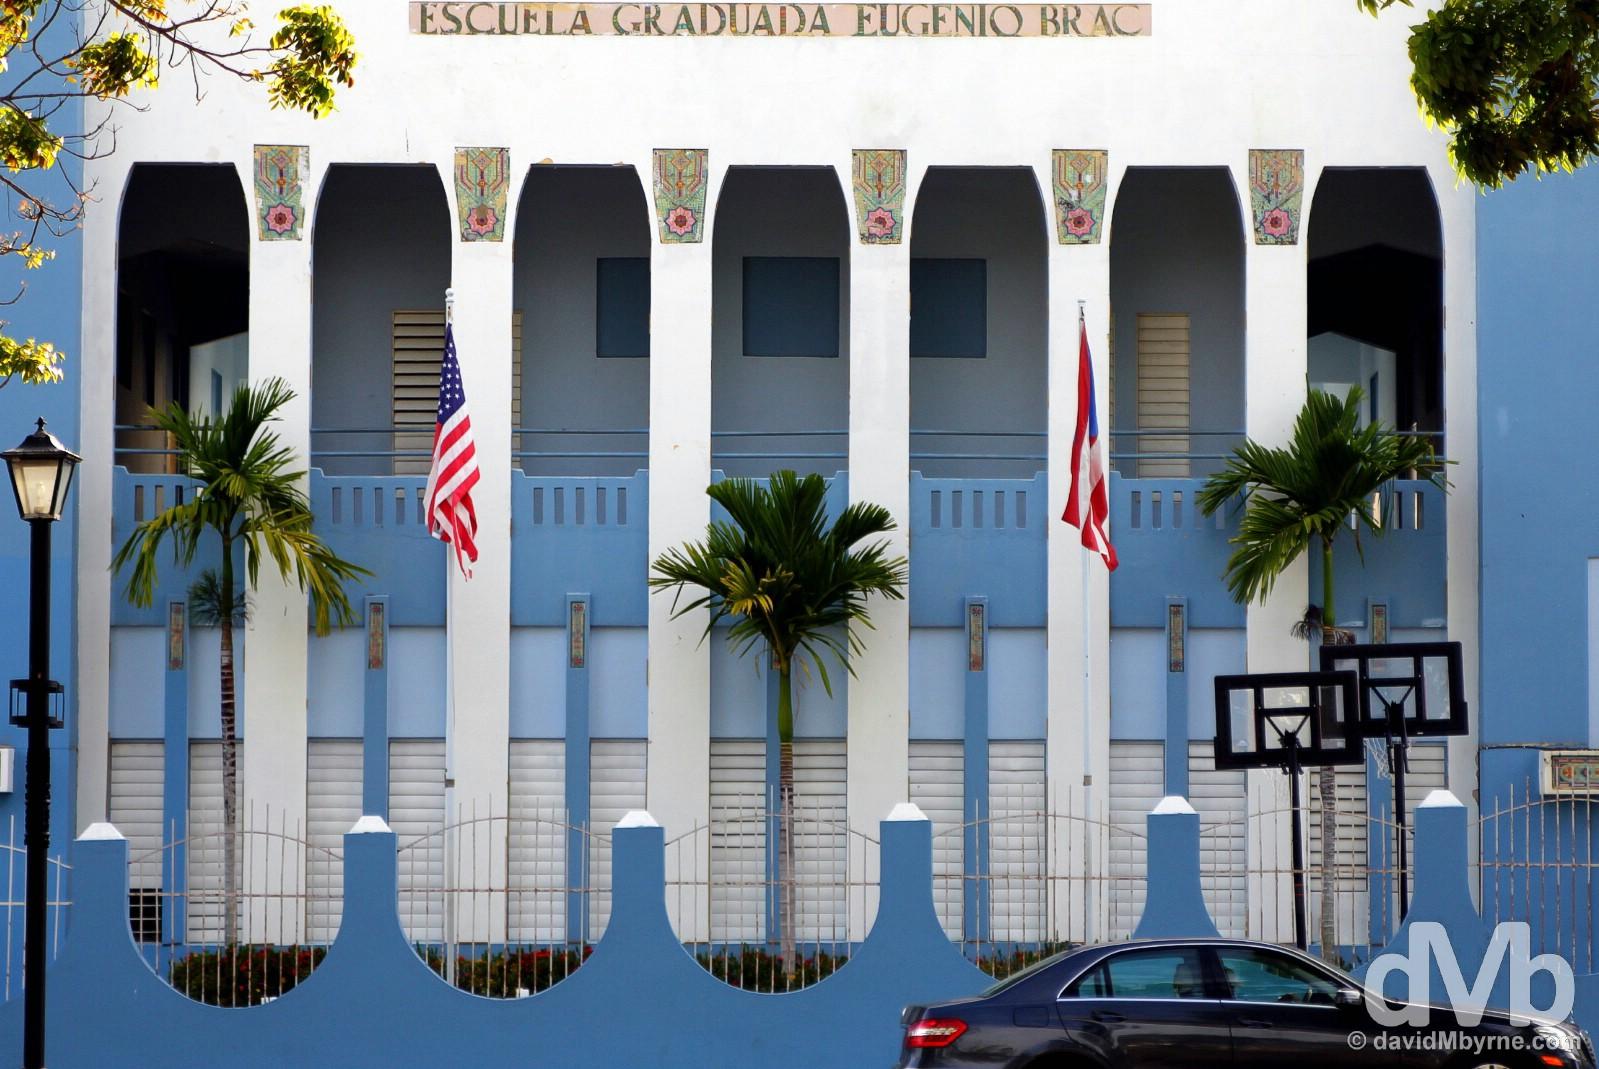 Escuela Graduada Eugenio Brac off Plaza de Fajardo in Fajardo, eastern Puerto Rico, Greater Antilles. June 5, 2015.